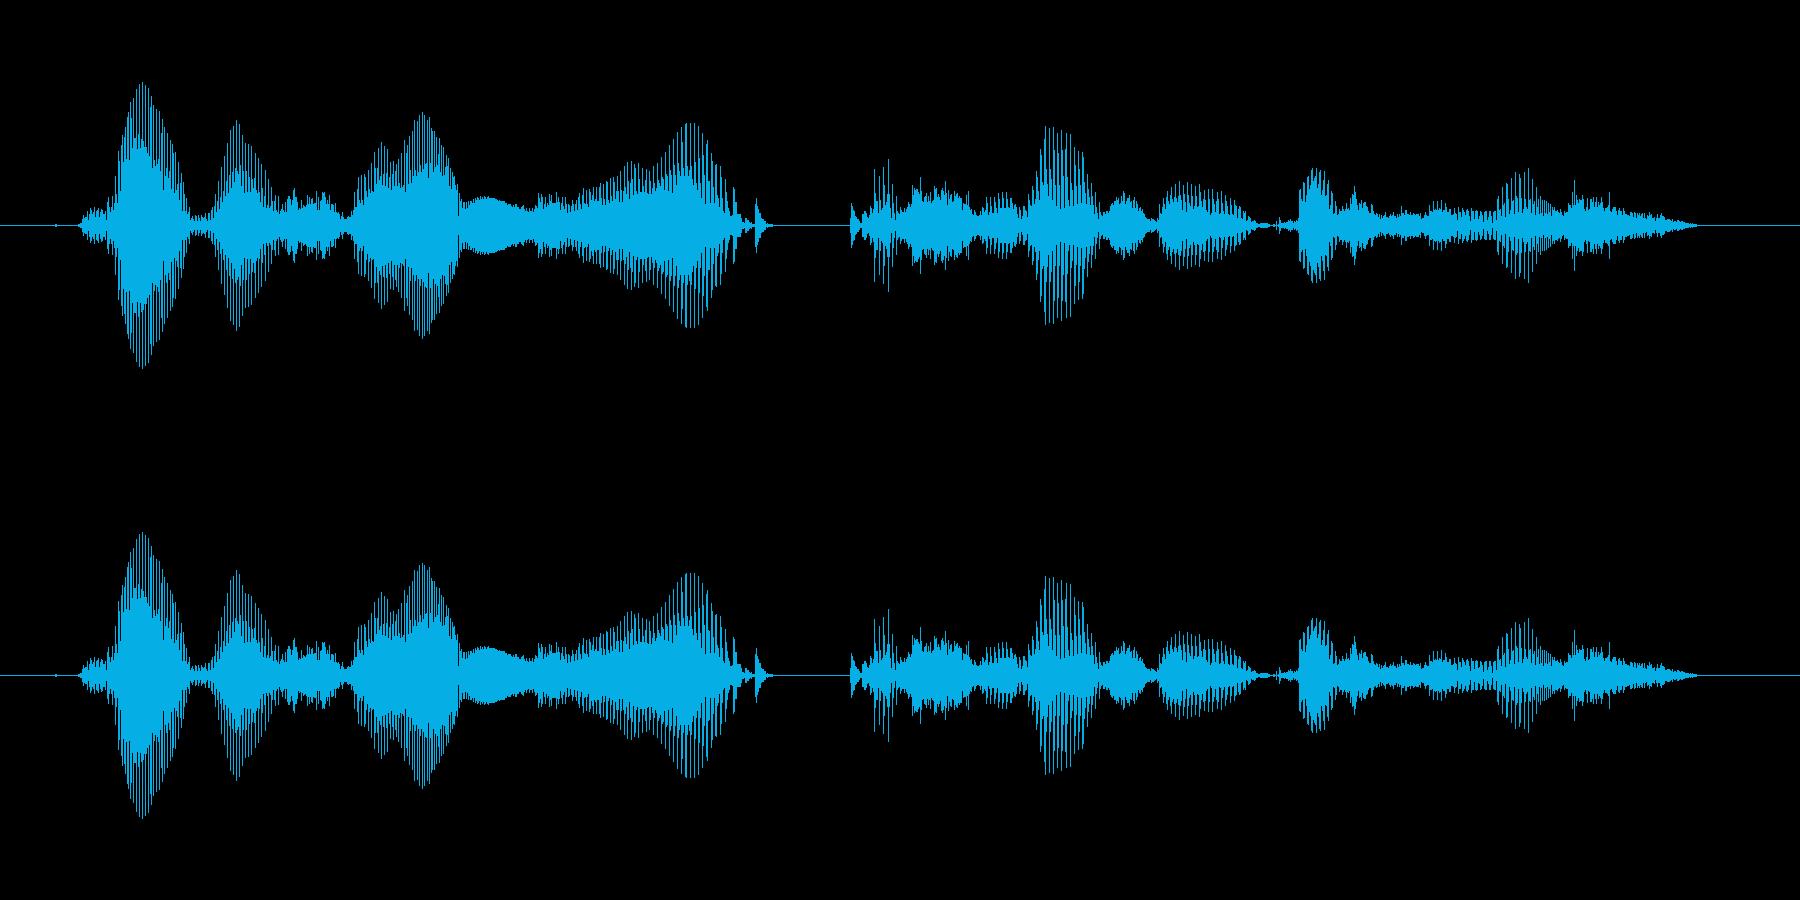 【時報・時間】午後3時を、お知らせいた…の再生済みの波形